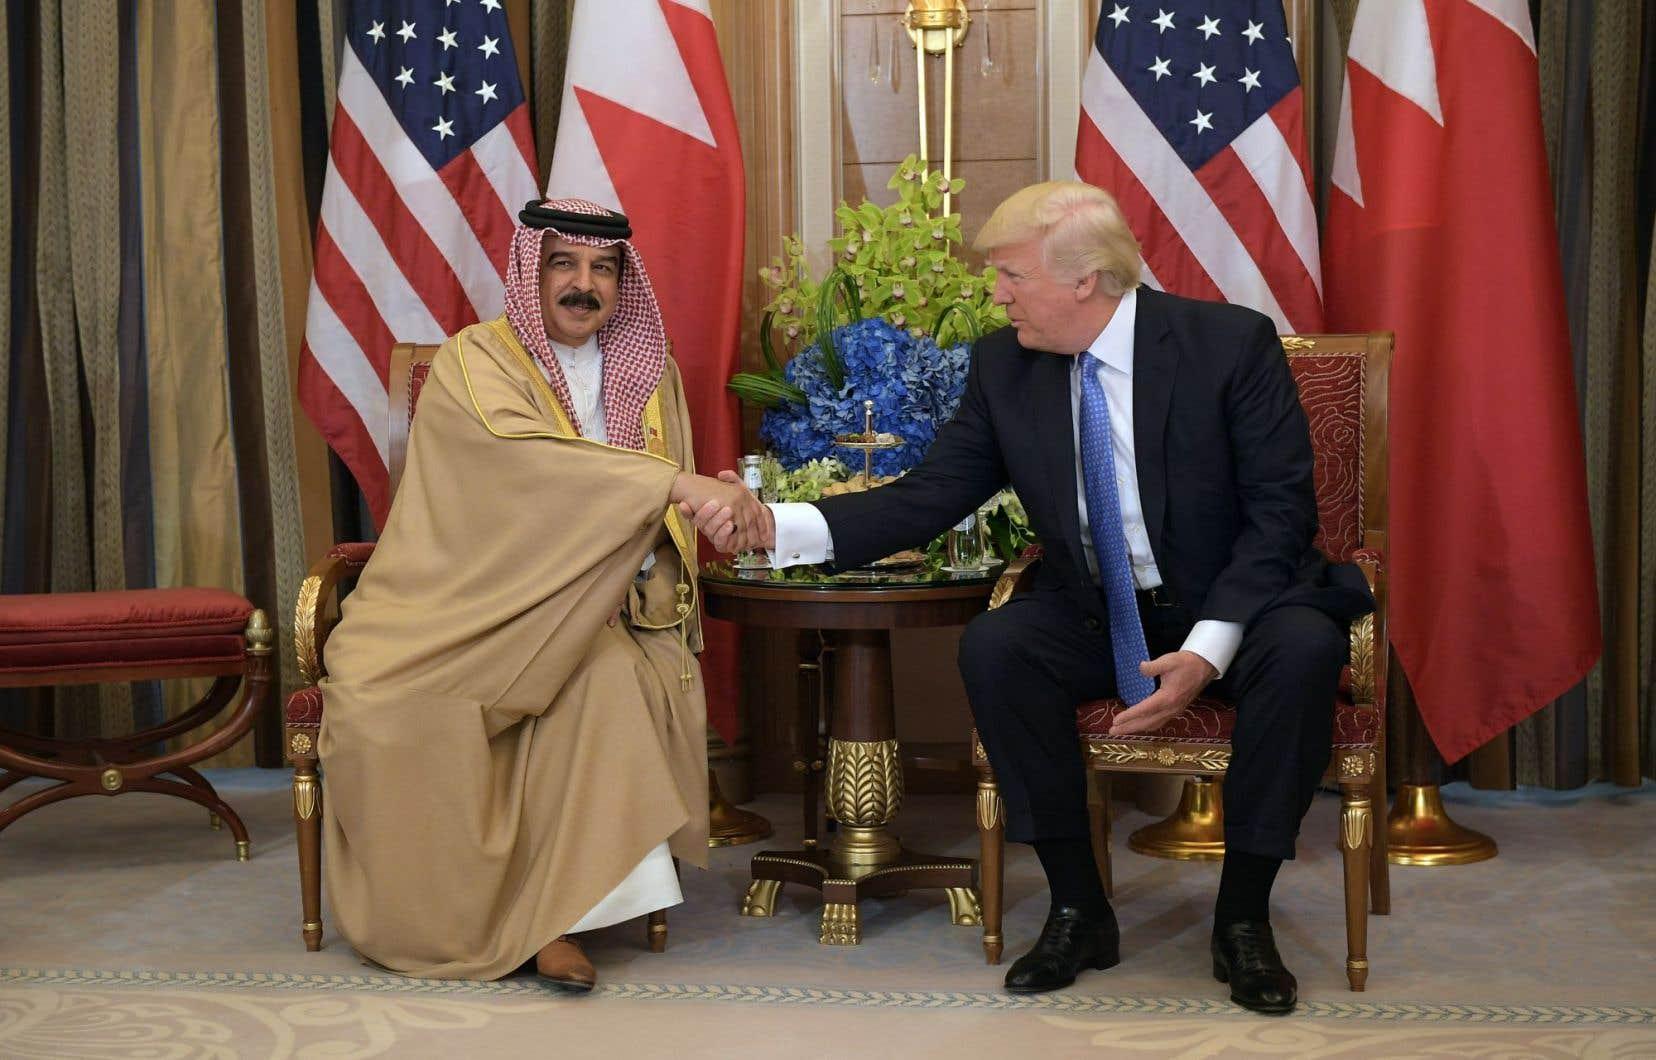 La dispersion du «sit-in» le 23 mai a été ordonnée 48 heures après une rencontre entre le roi Hamad de Bahreïn et le président Trump.